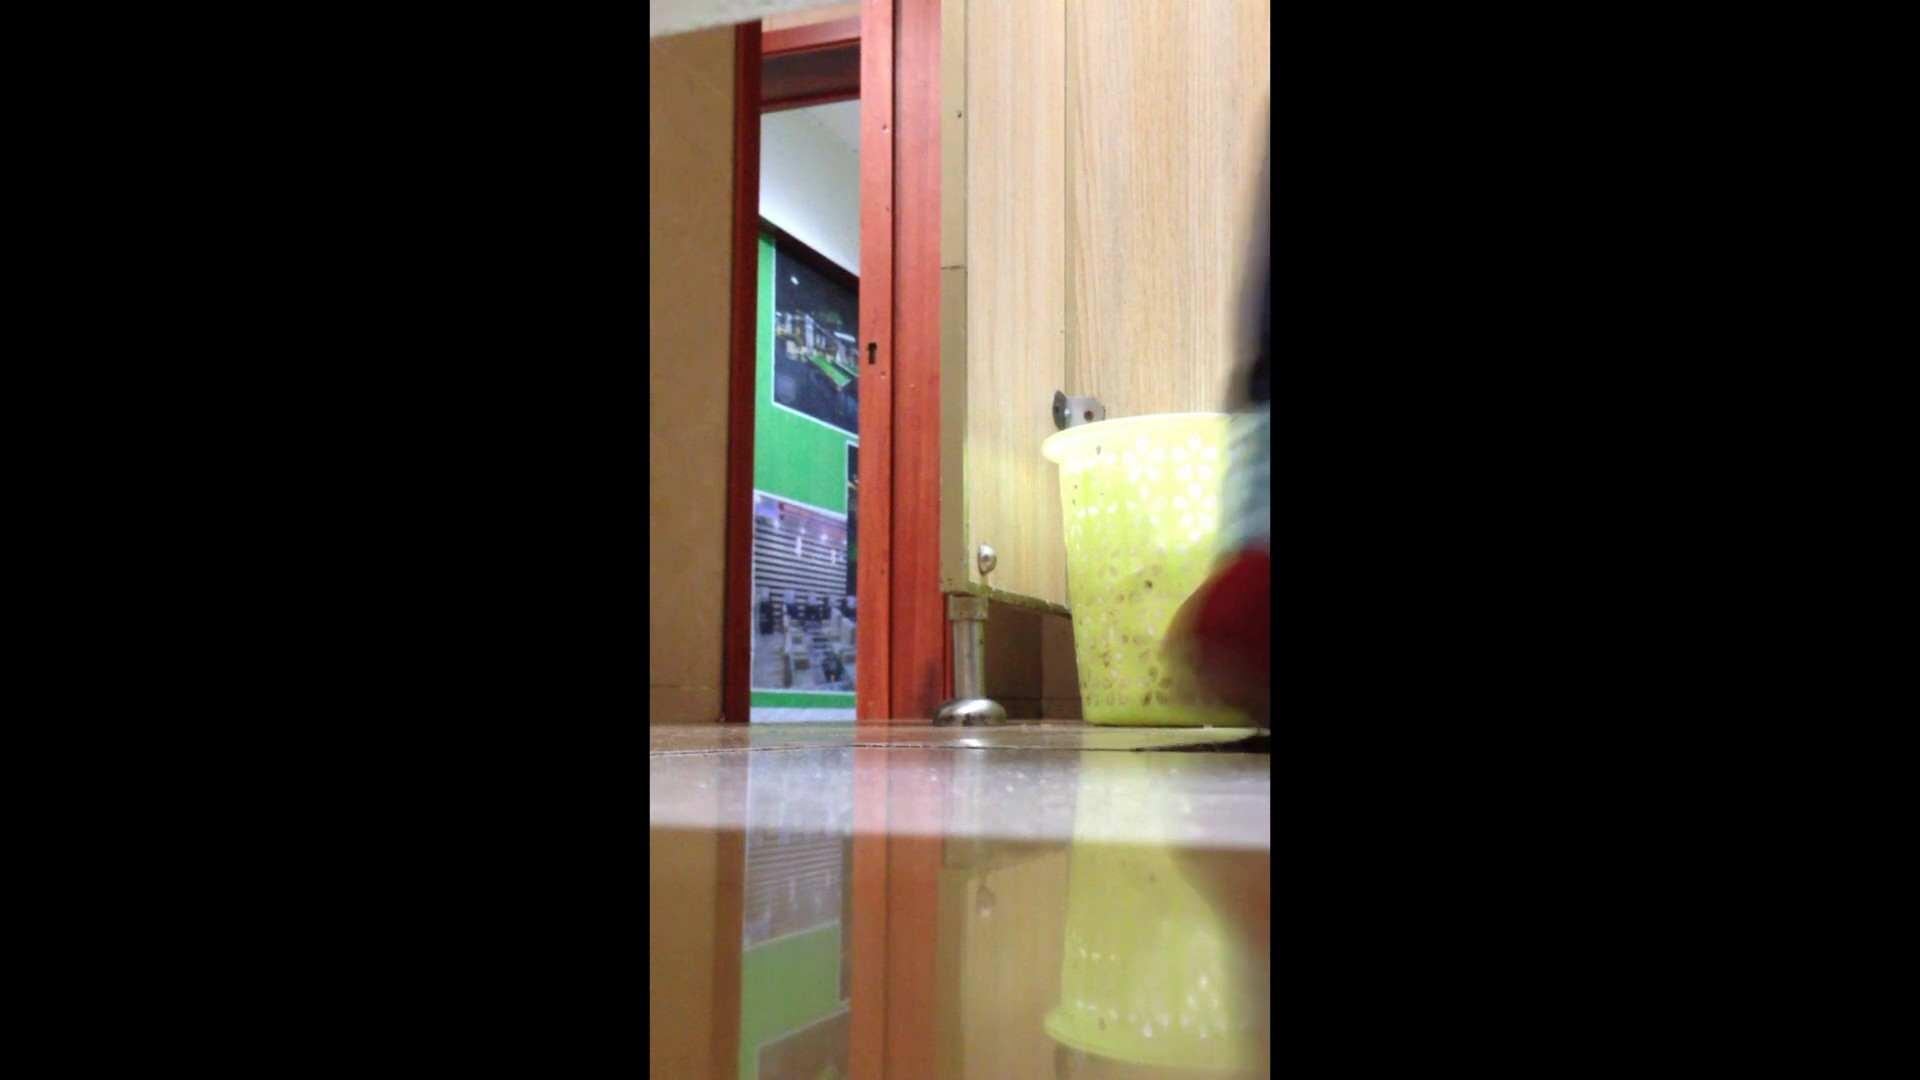 芸術大学ガチ潜入盗撮 JD盗撮 美女の洗面所の秘密 Vol.87 潜入 SEX無修正画像 79枚 76